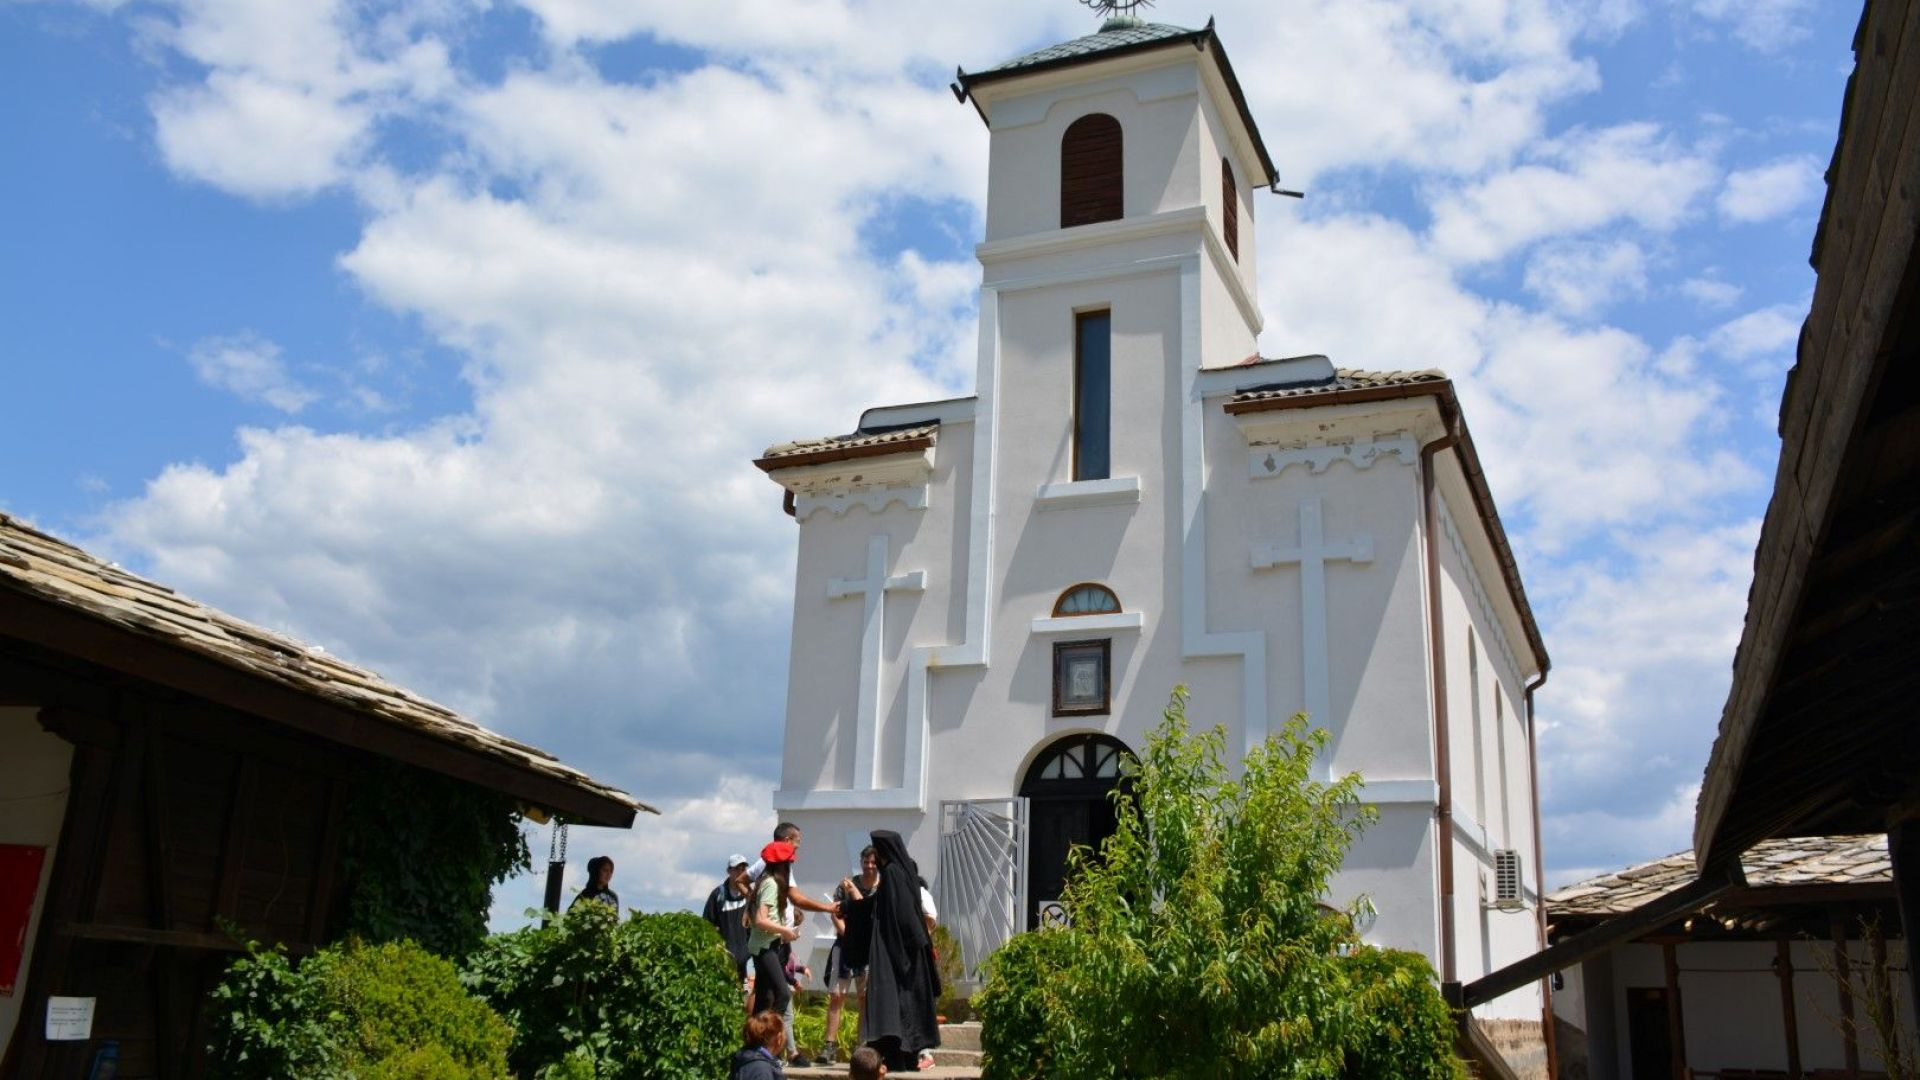 Гложенският манастир векове съхранява историята и вярата високо в планината